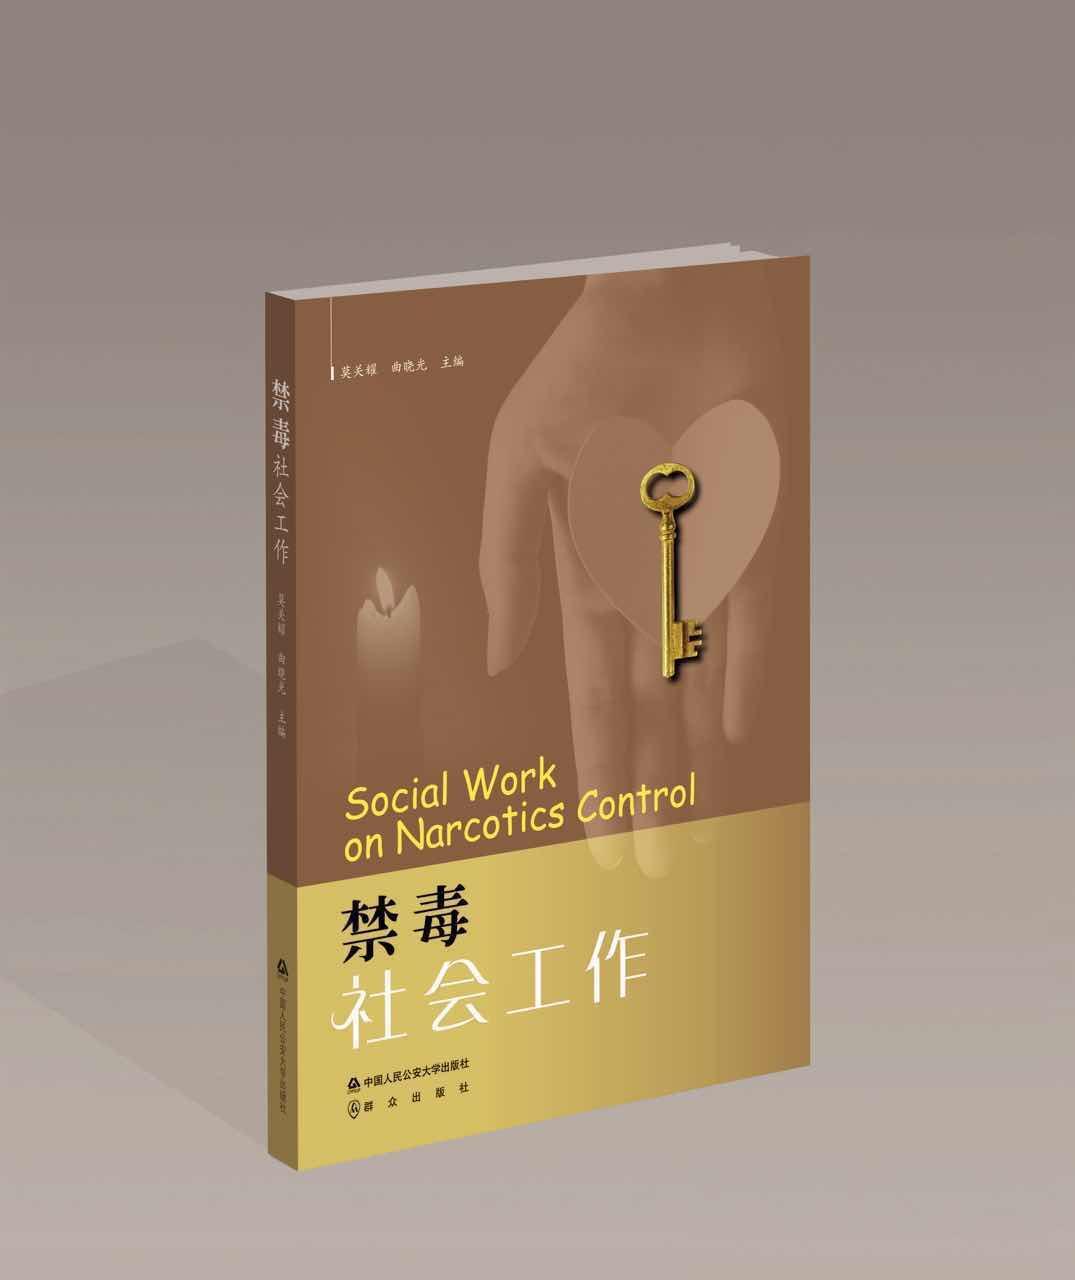 《禁毒社会工作》一书正式出版